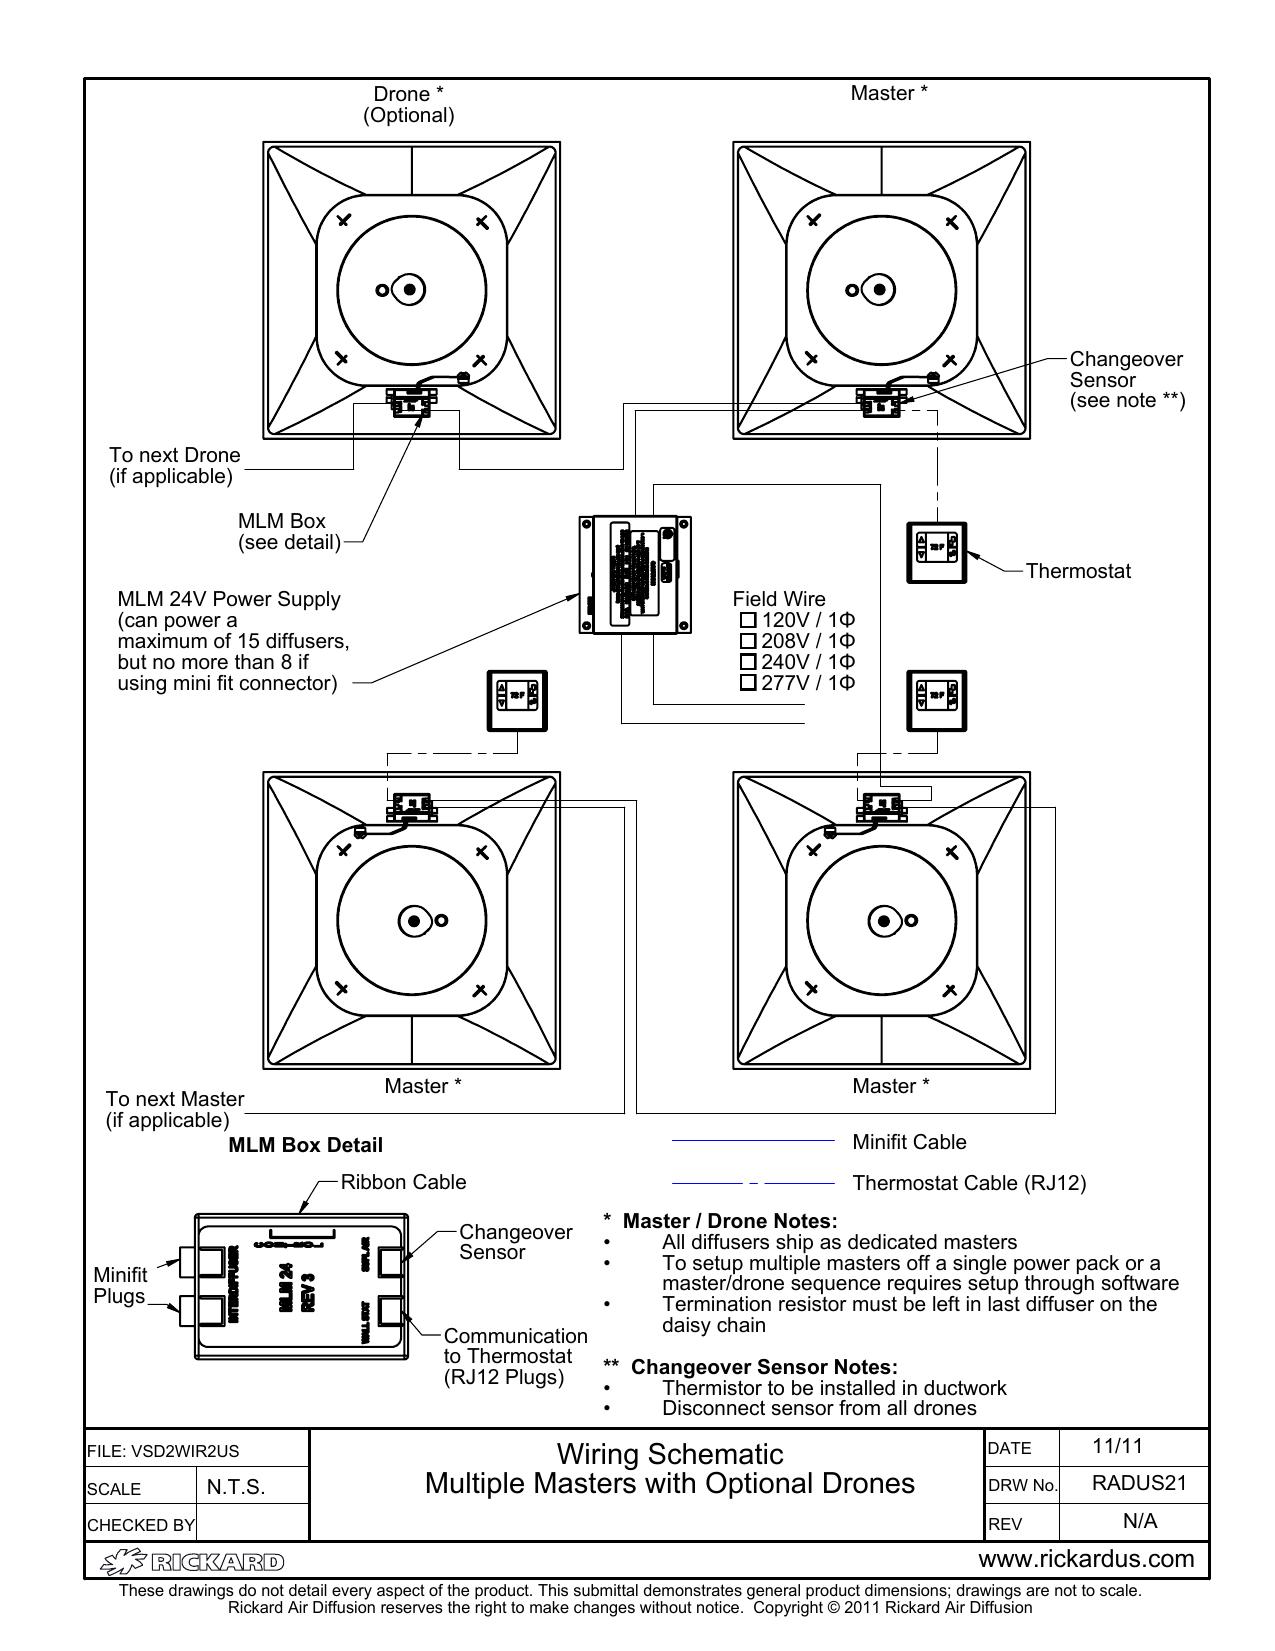 Daisy Chain Schematic Wiring